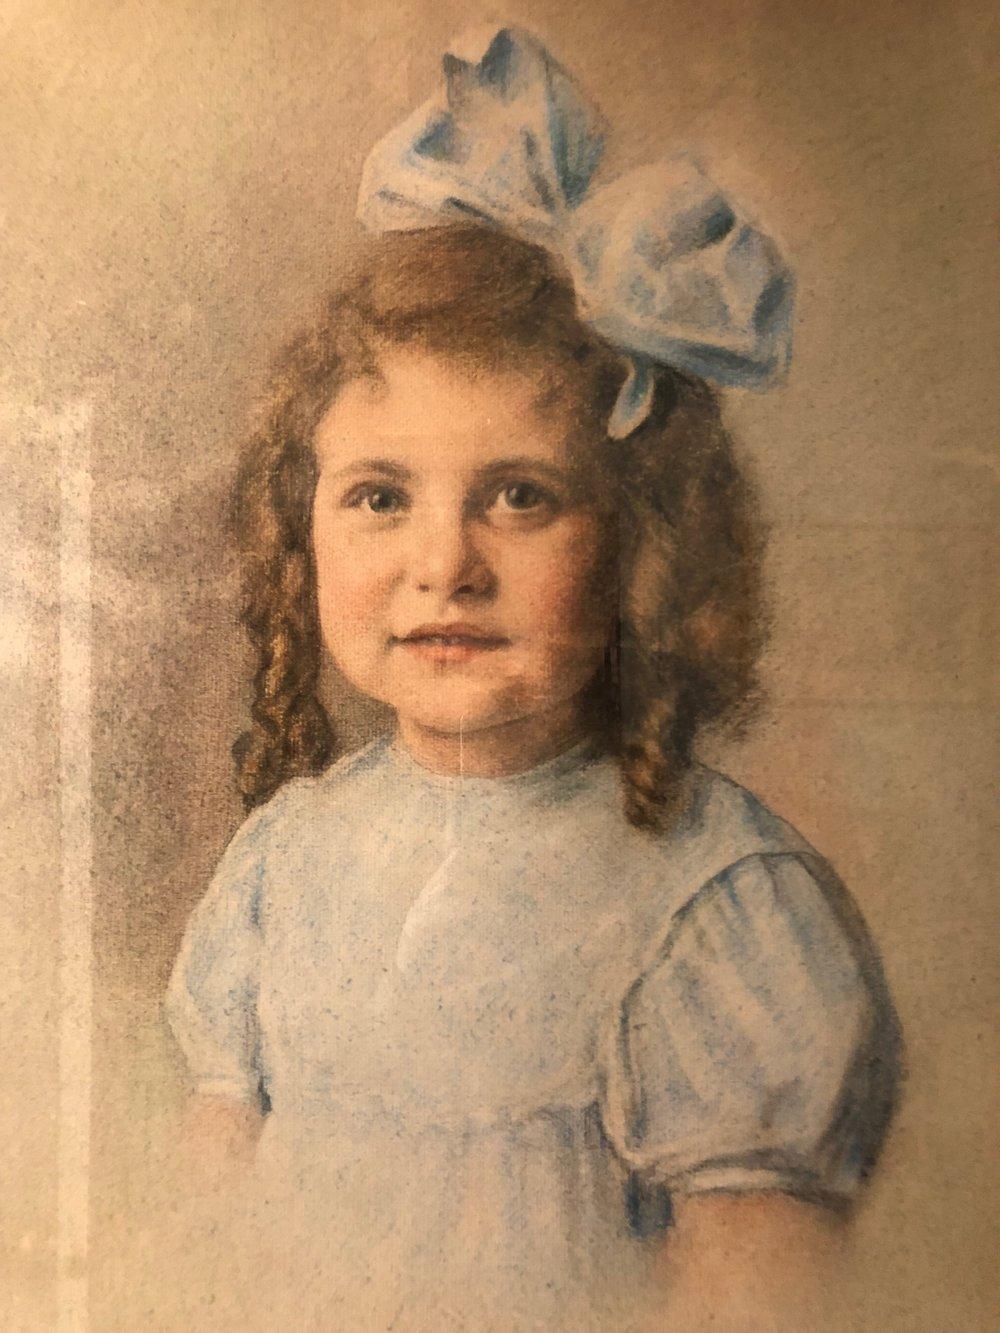 A portrait of their daughter Gabriella